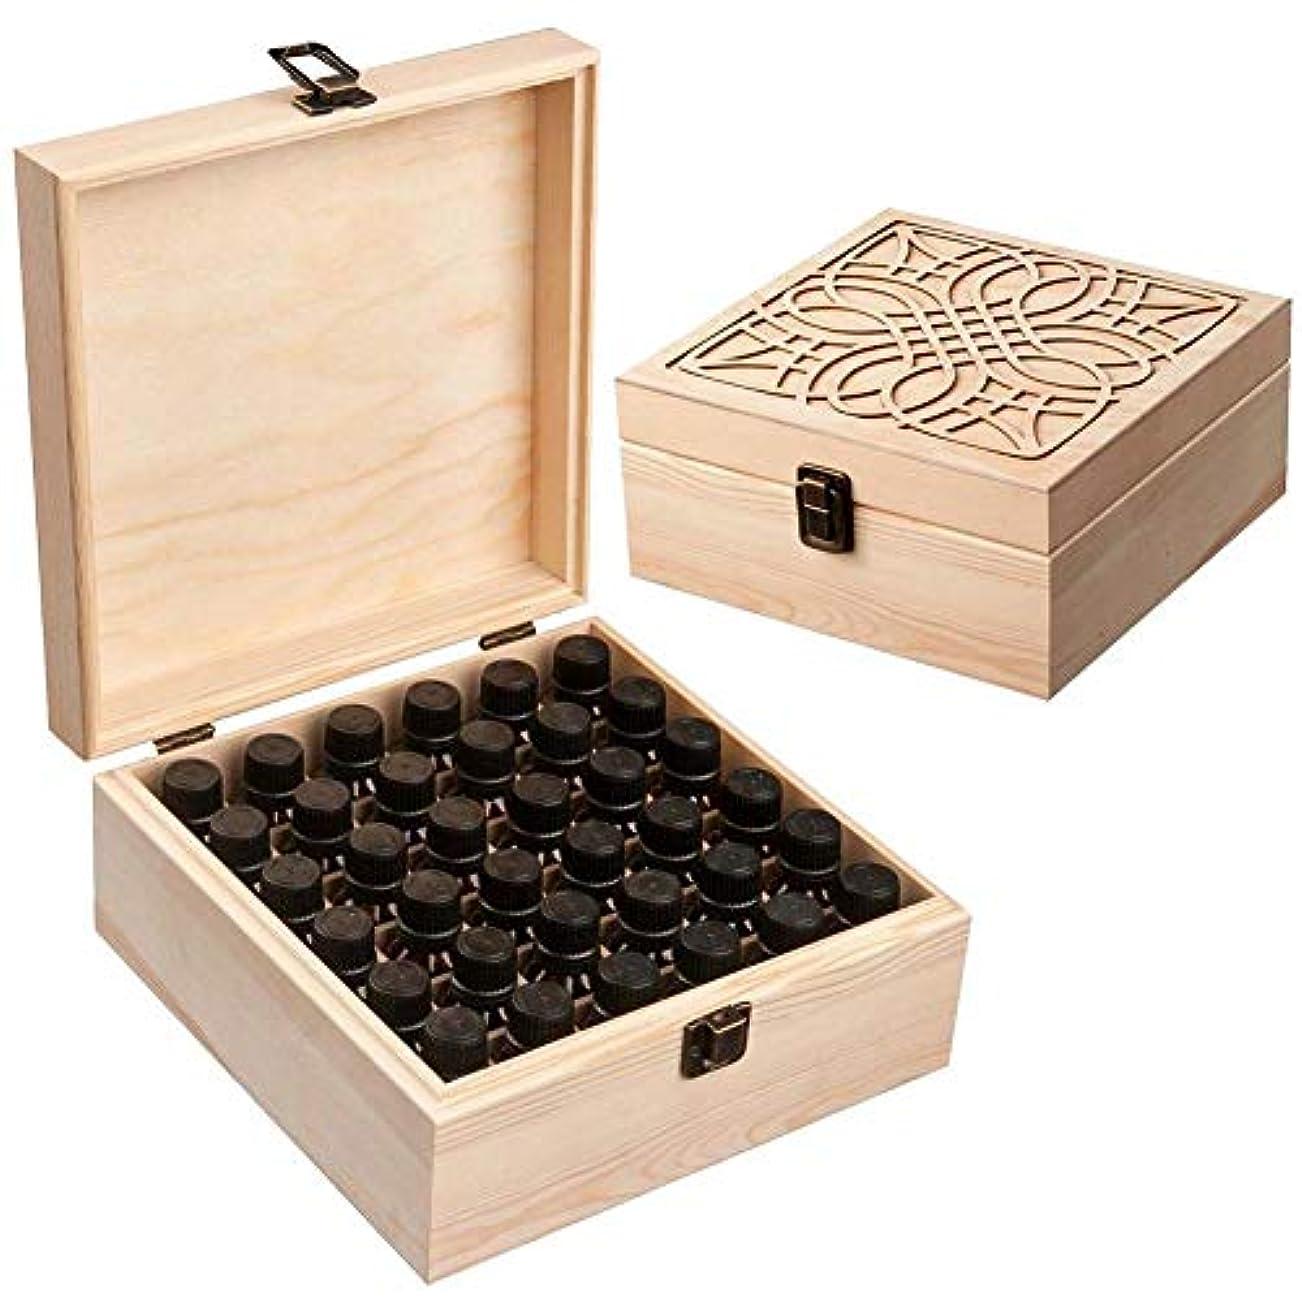 頑固な地理舌Newfashion エッセンシャルオイル収納ボックス 精油収納 アロマケース 木製 大容量 携帯便利 オイルボックス 飾り物 36本用